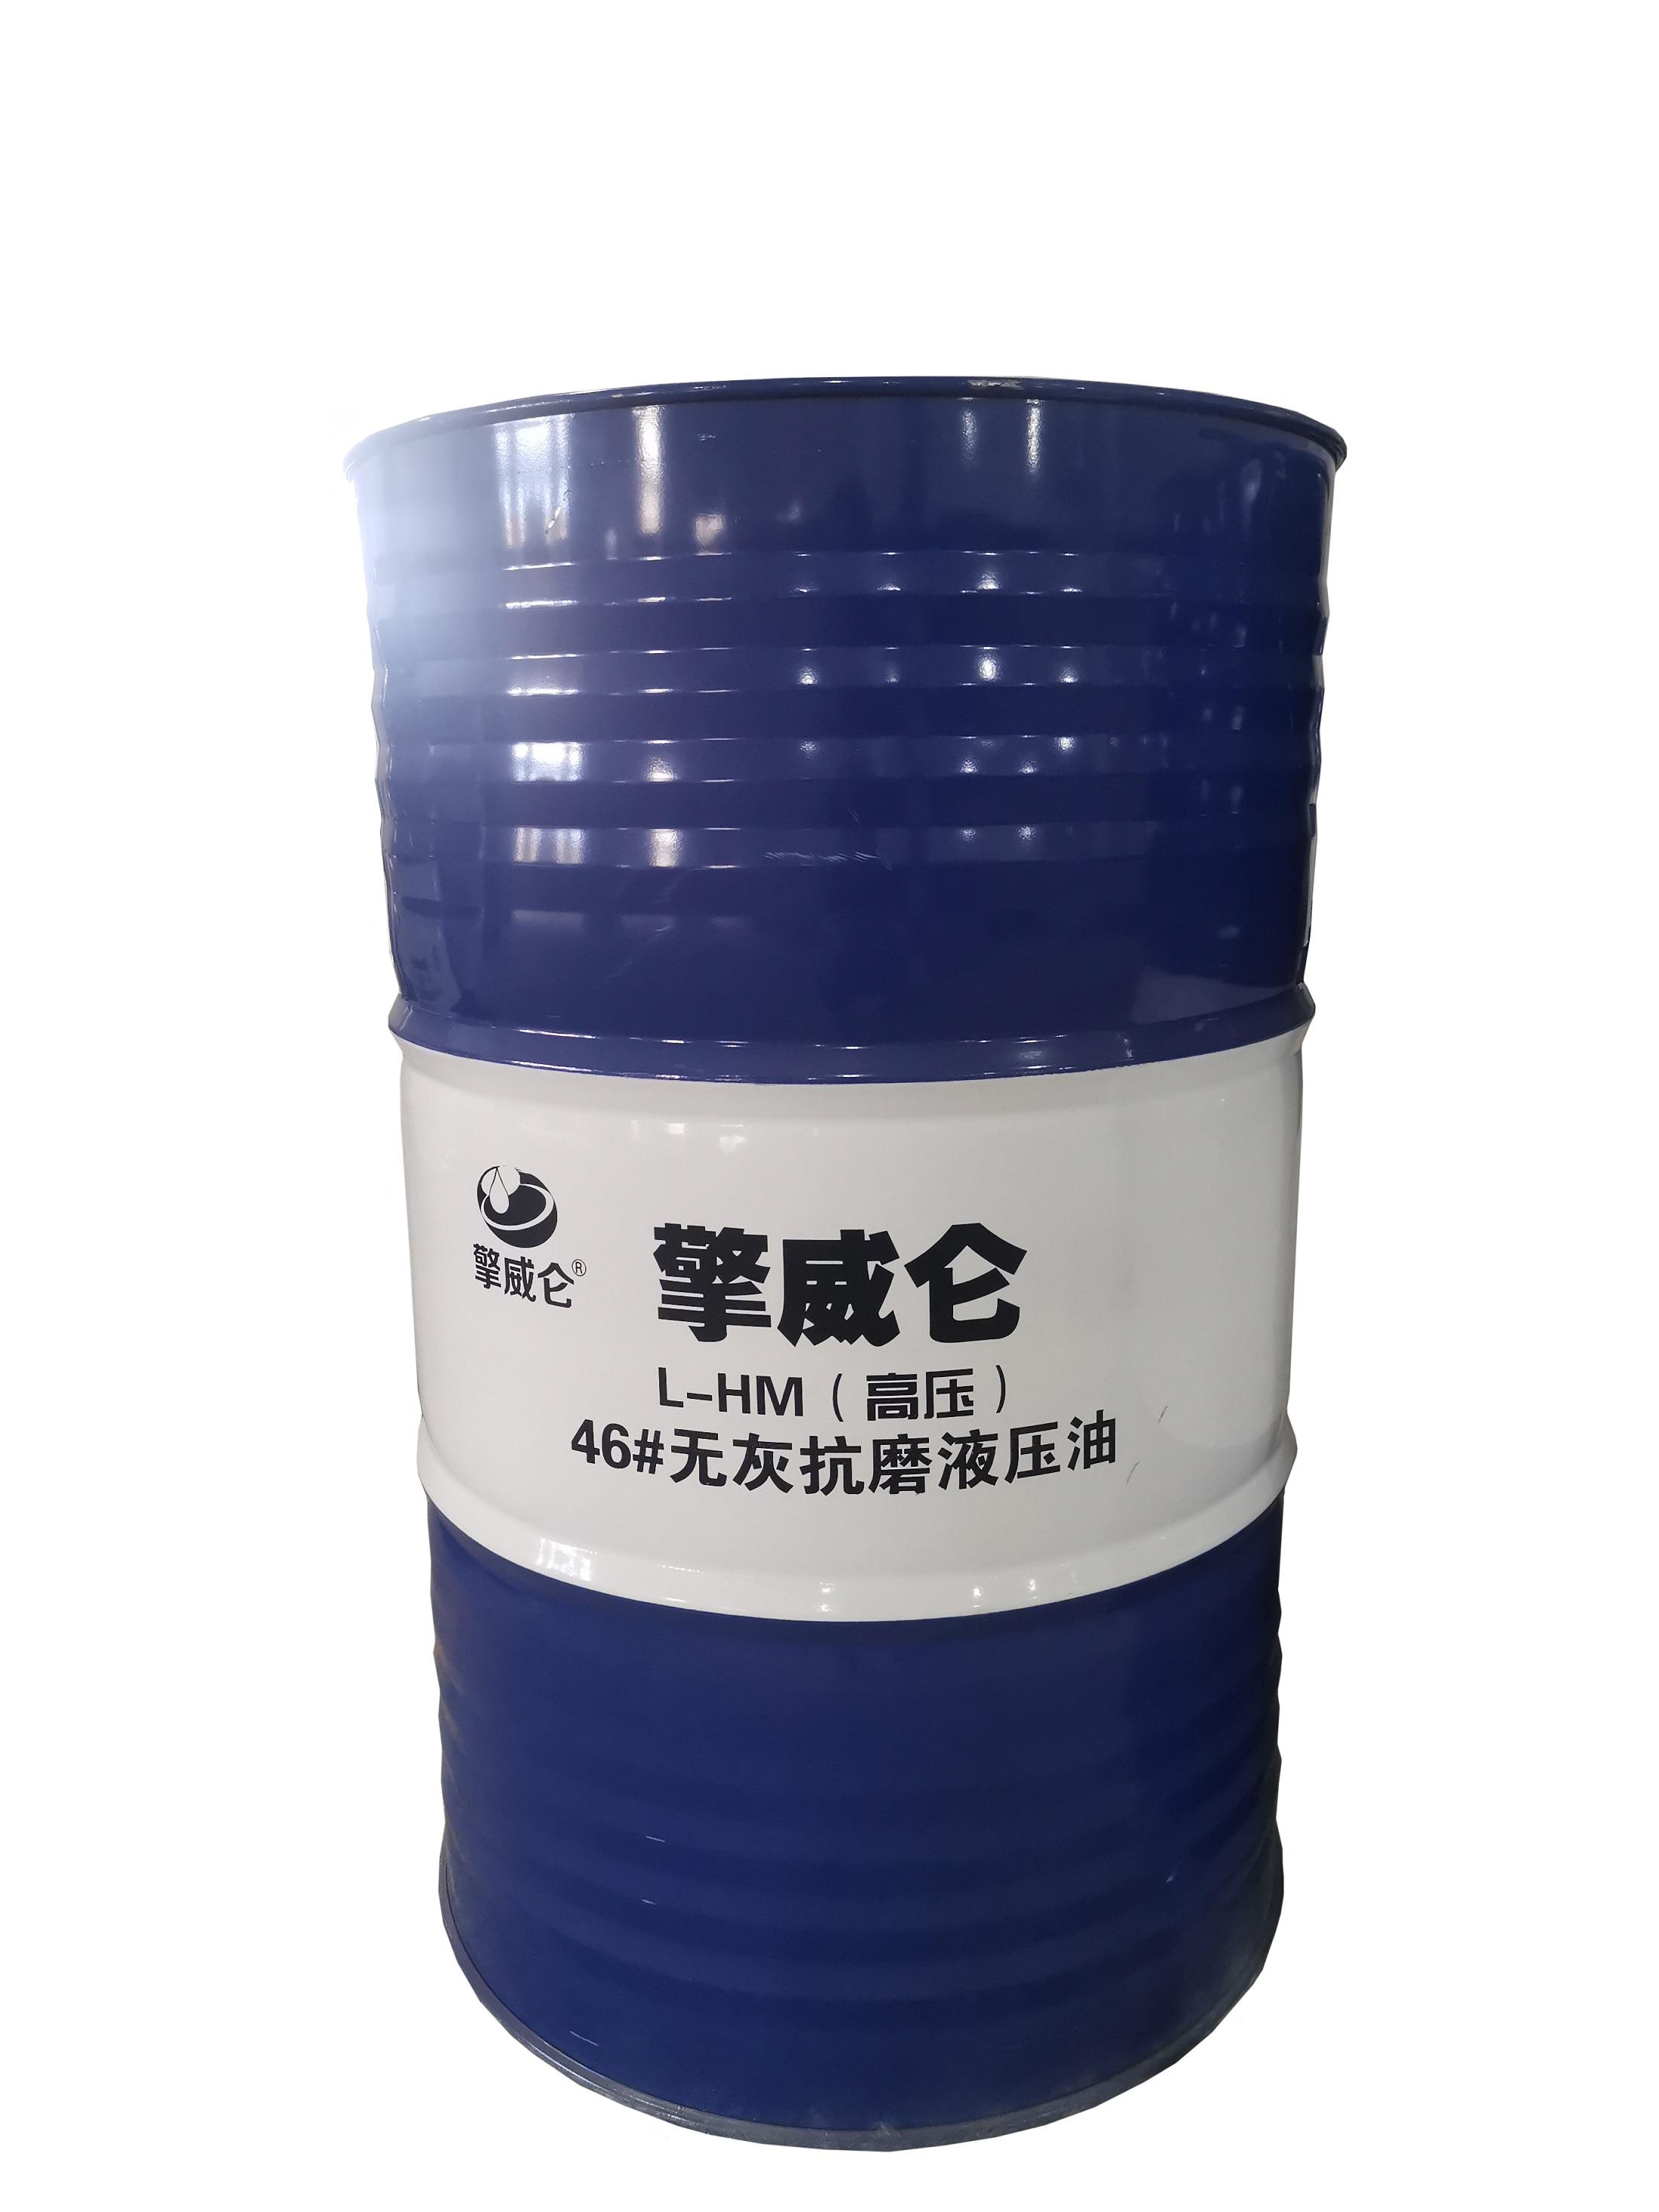 170公斤擎威仑46#液压油(高压无灰)